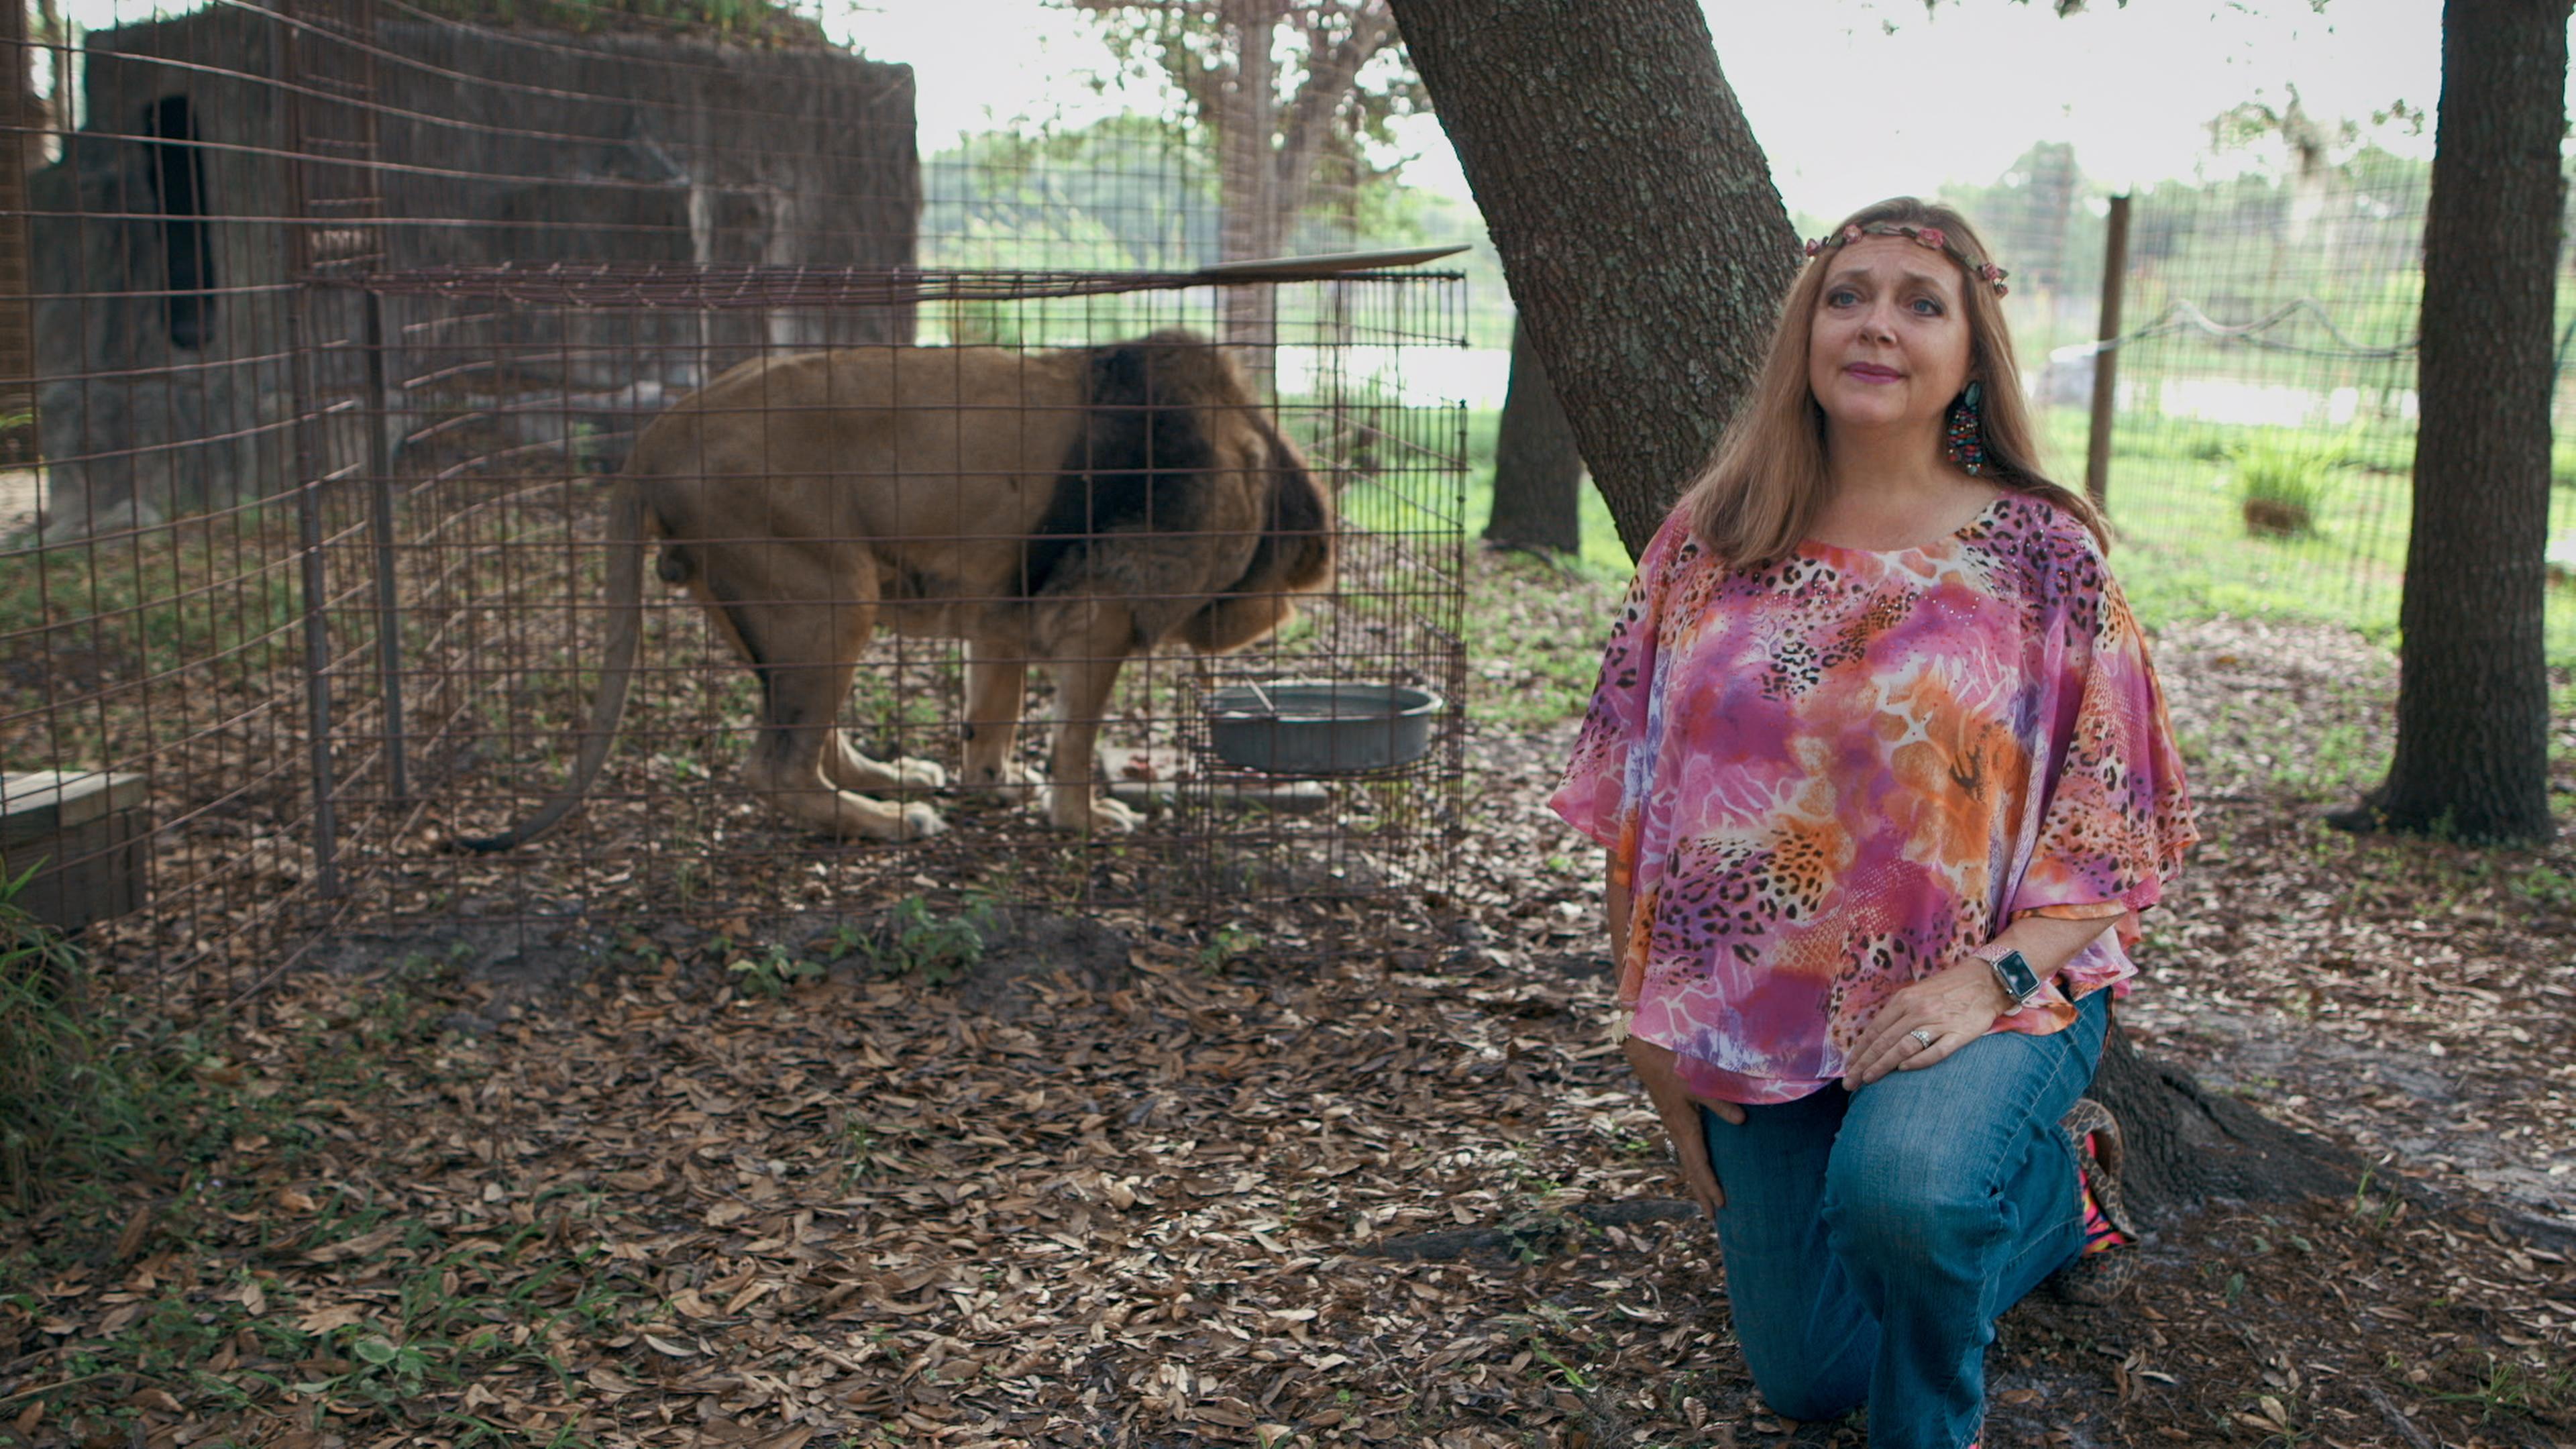 Carole Baskin állatparkjában tigris támadt egy 69 éves önkéntesre